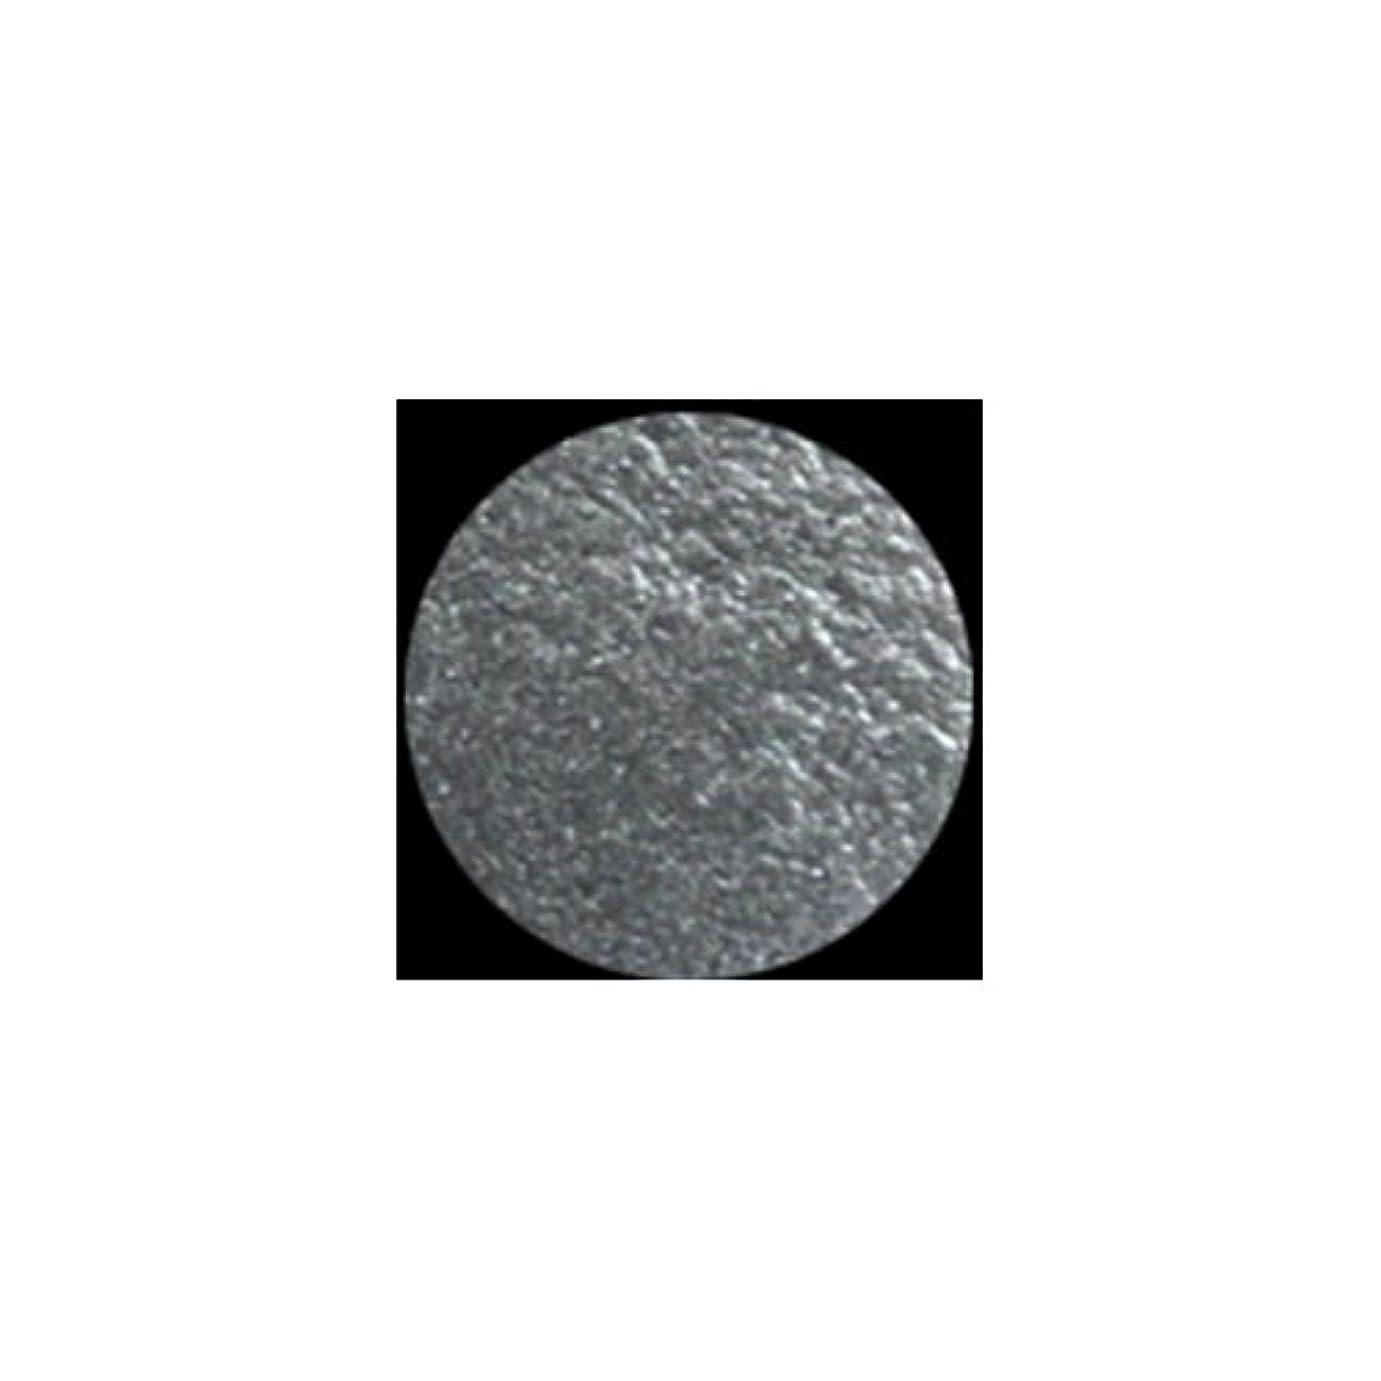 ターミナル先生リズム(3 Pack) KLEANCOLOR American Eyedol (Wet/Dry Baked Eyeshadow) - Sterling (並行輸入品)